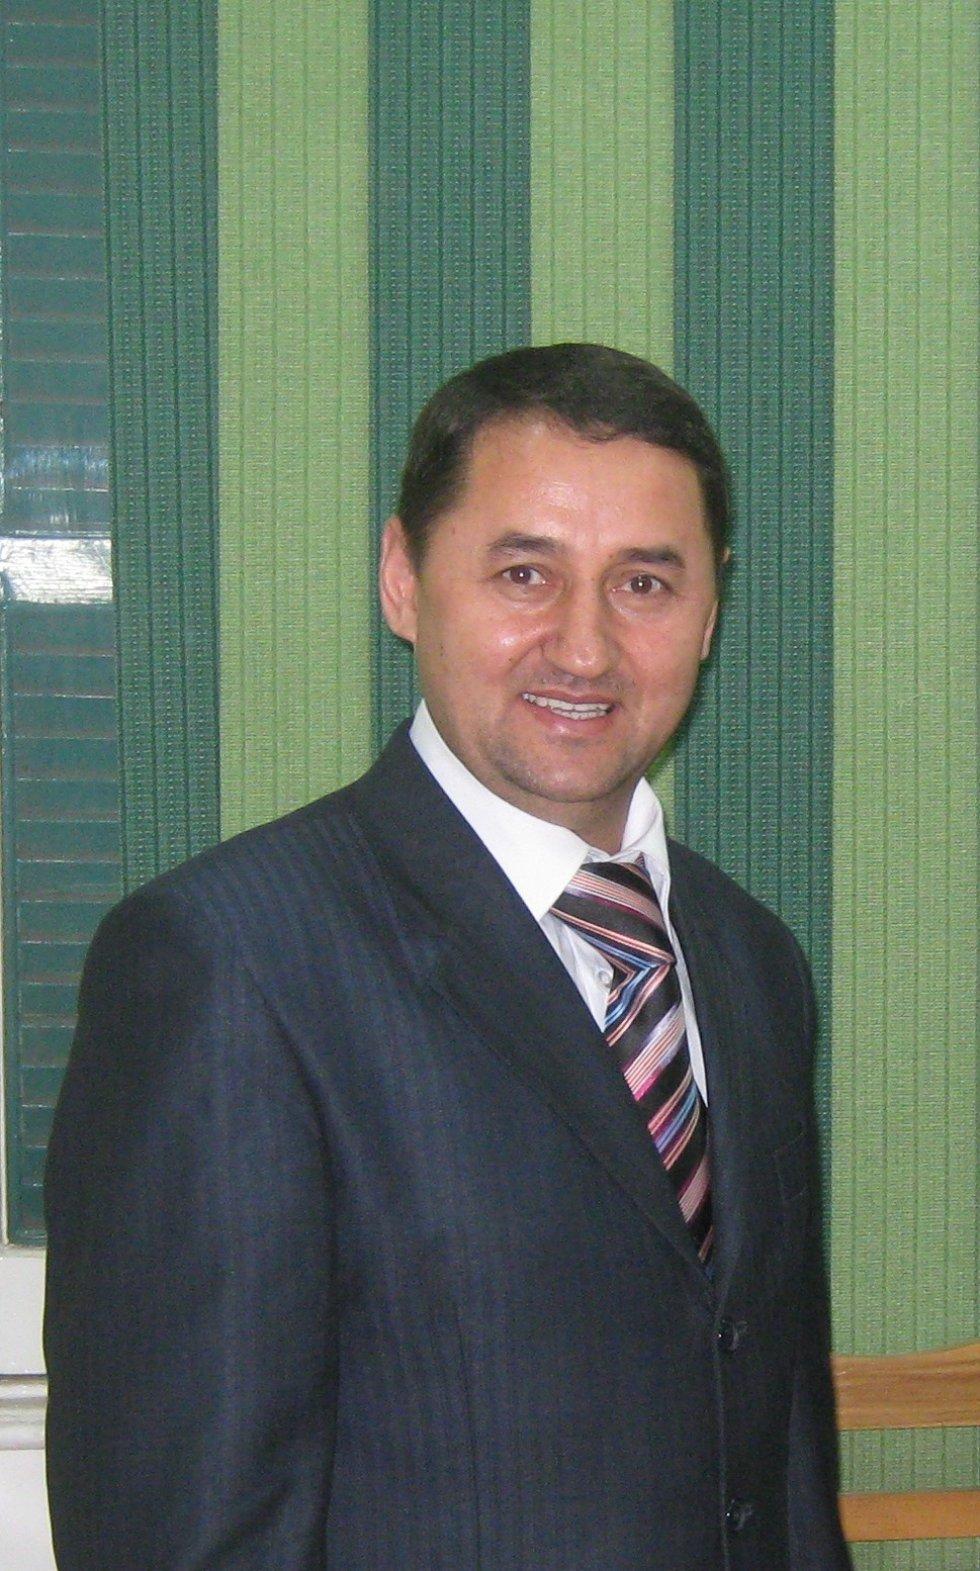 Abrorov Ilyos Mukhrimkhonovich